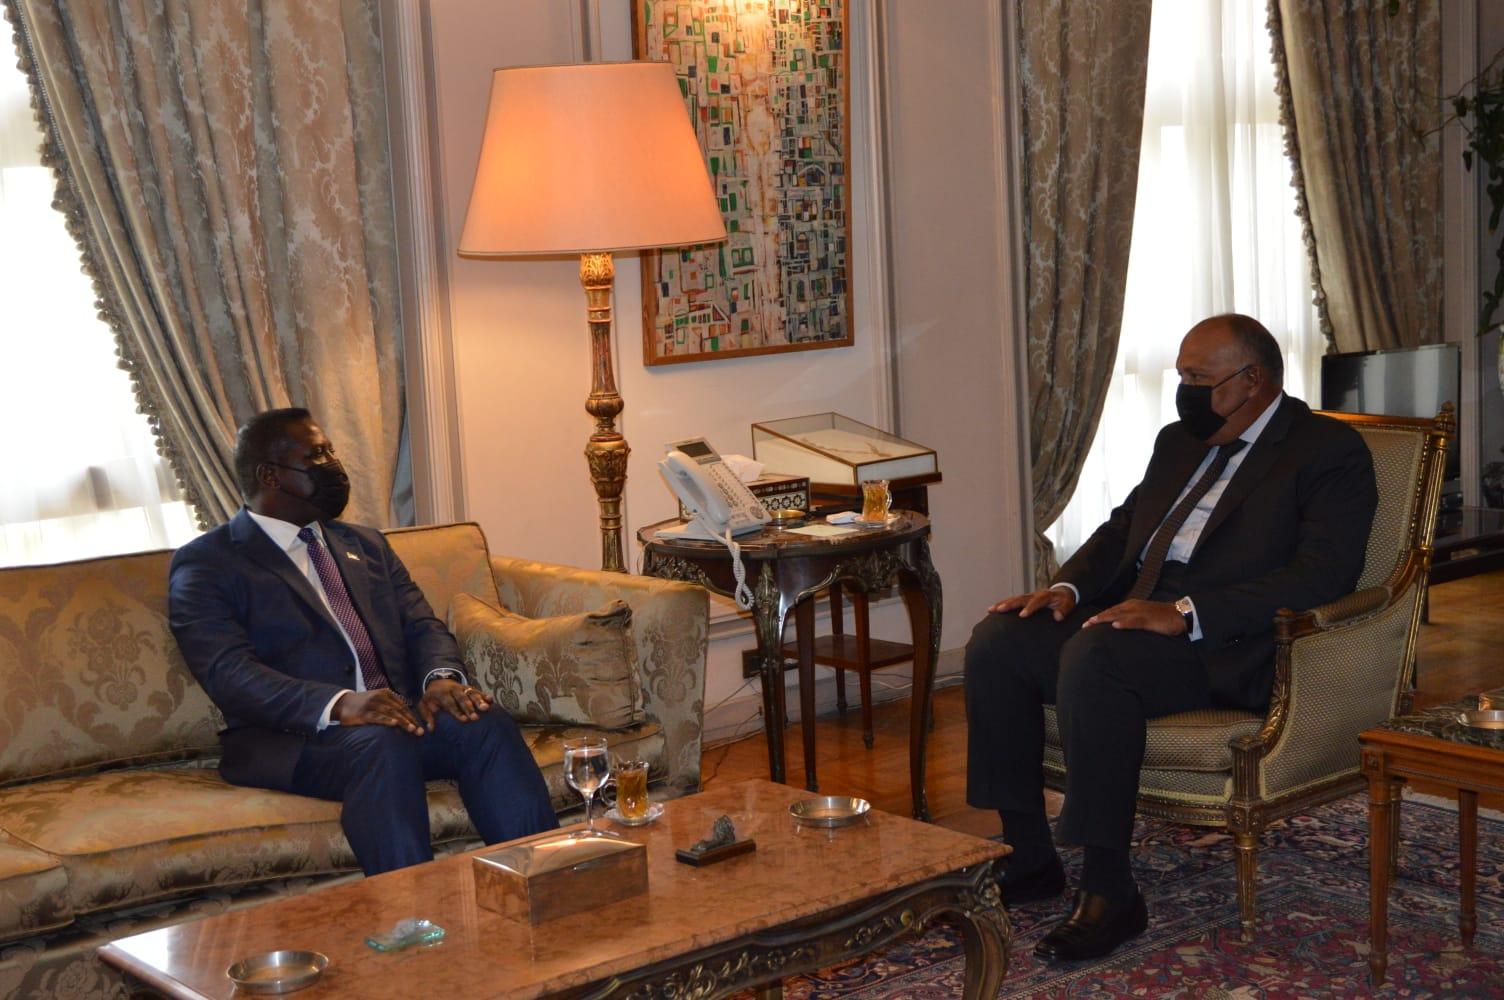 وزير الخارجية تكثيف جهود مكافحة التنظيمات الإرهابية بمنطقة الساحل وإعادة الإعمار والتنمية | صور